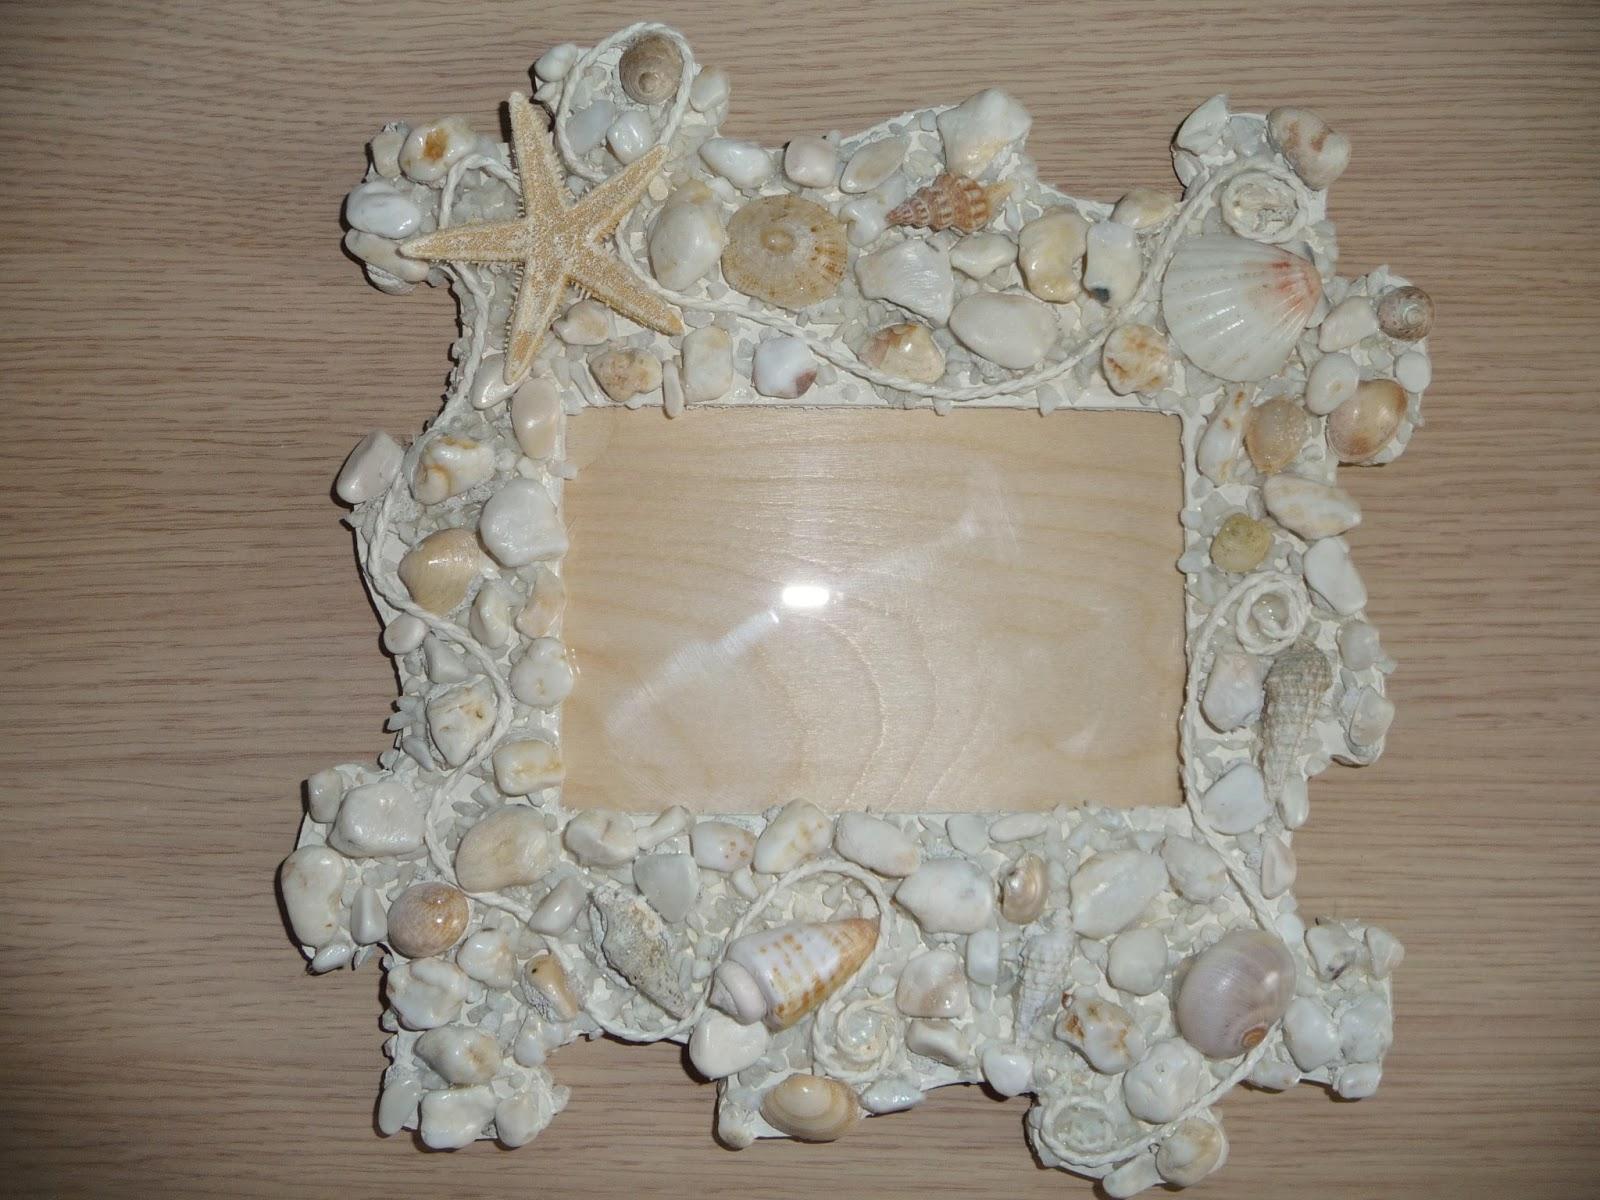 Anes cornici e oggettistica della serie gocce di mare - Specchio con conchiglie ...